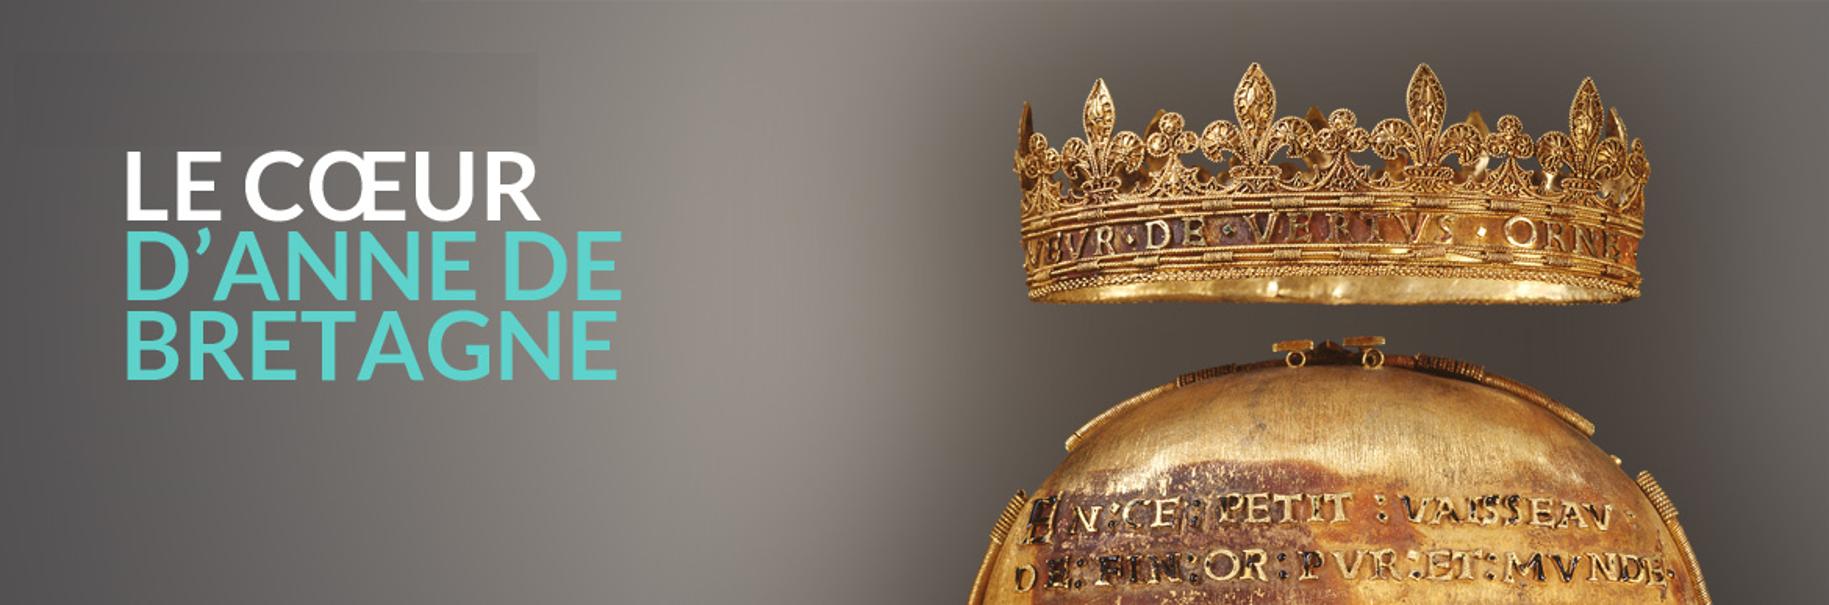 Le mystère du vol du cœur d'Anne de Bretagne au Musée départemental de Loire-Atlantique